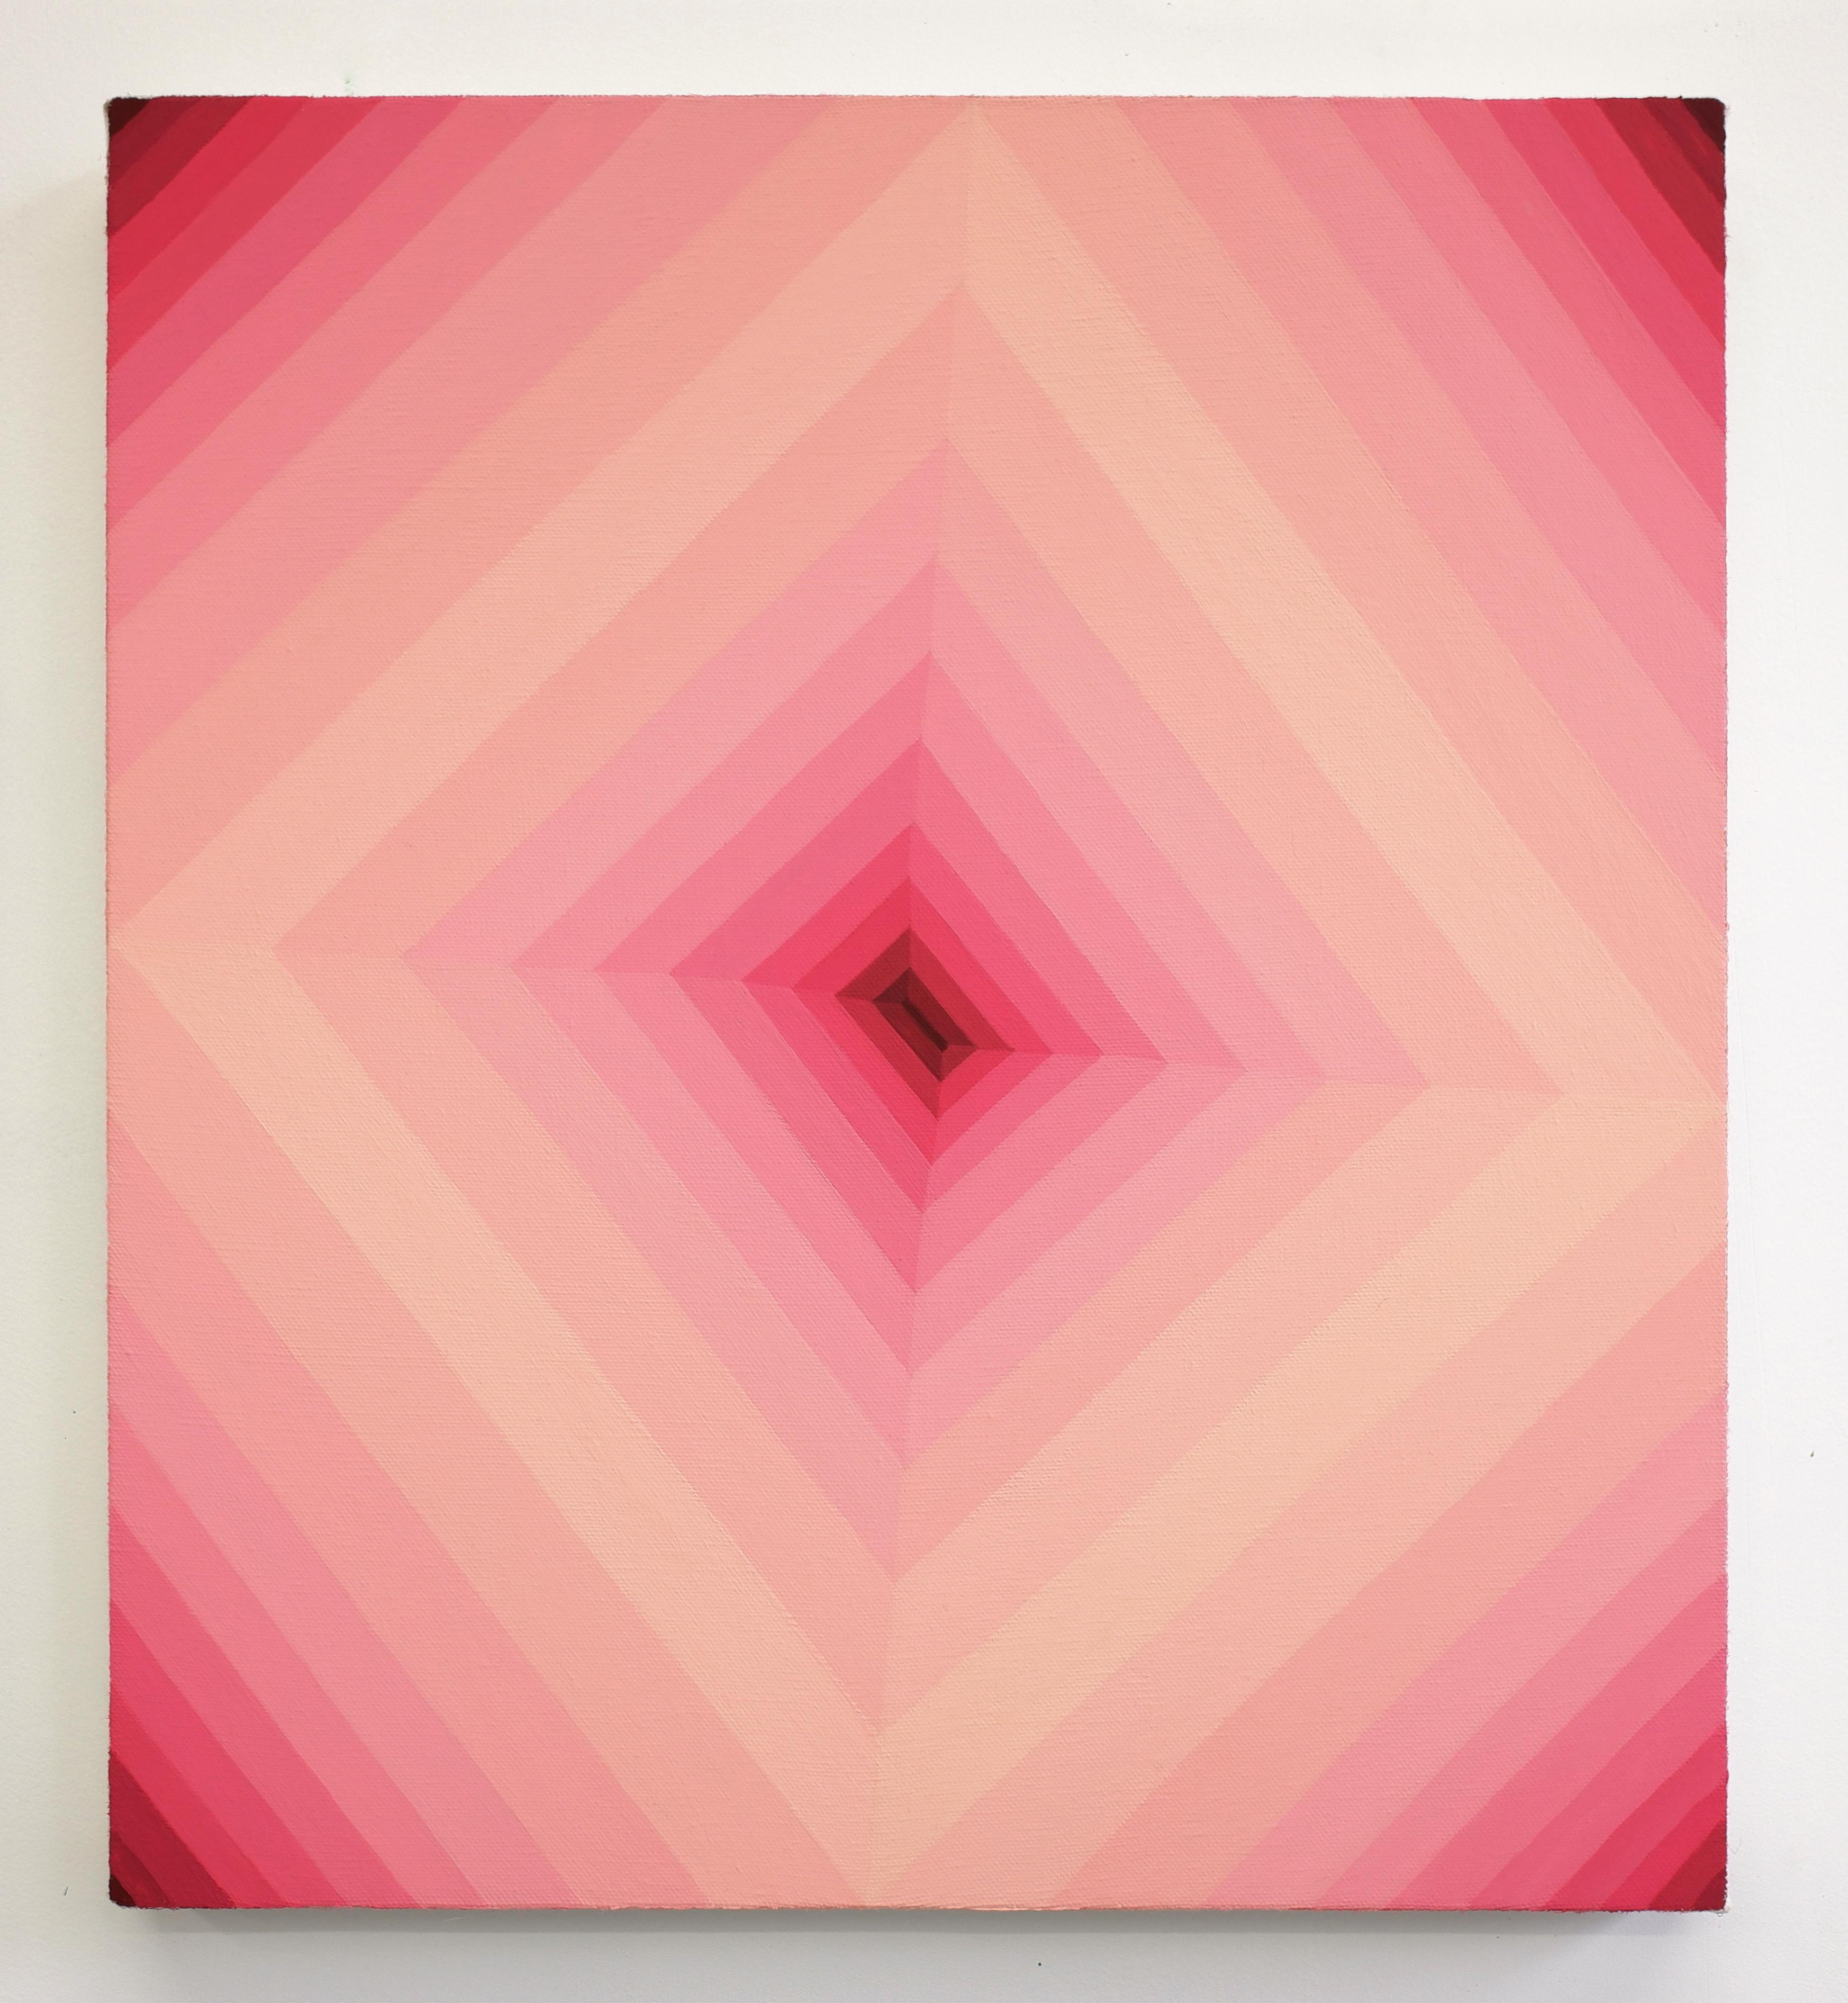 Corydon Cowansage, Hole 54, 2019, acrylic on canvas, 18 x 16 inches